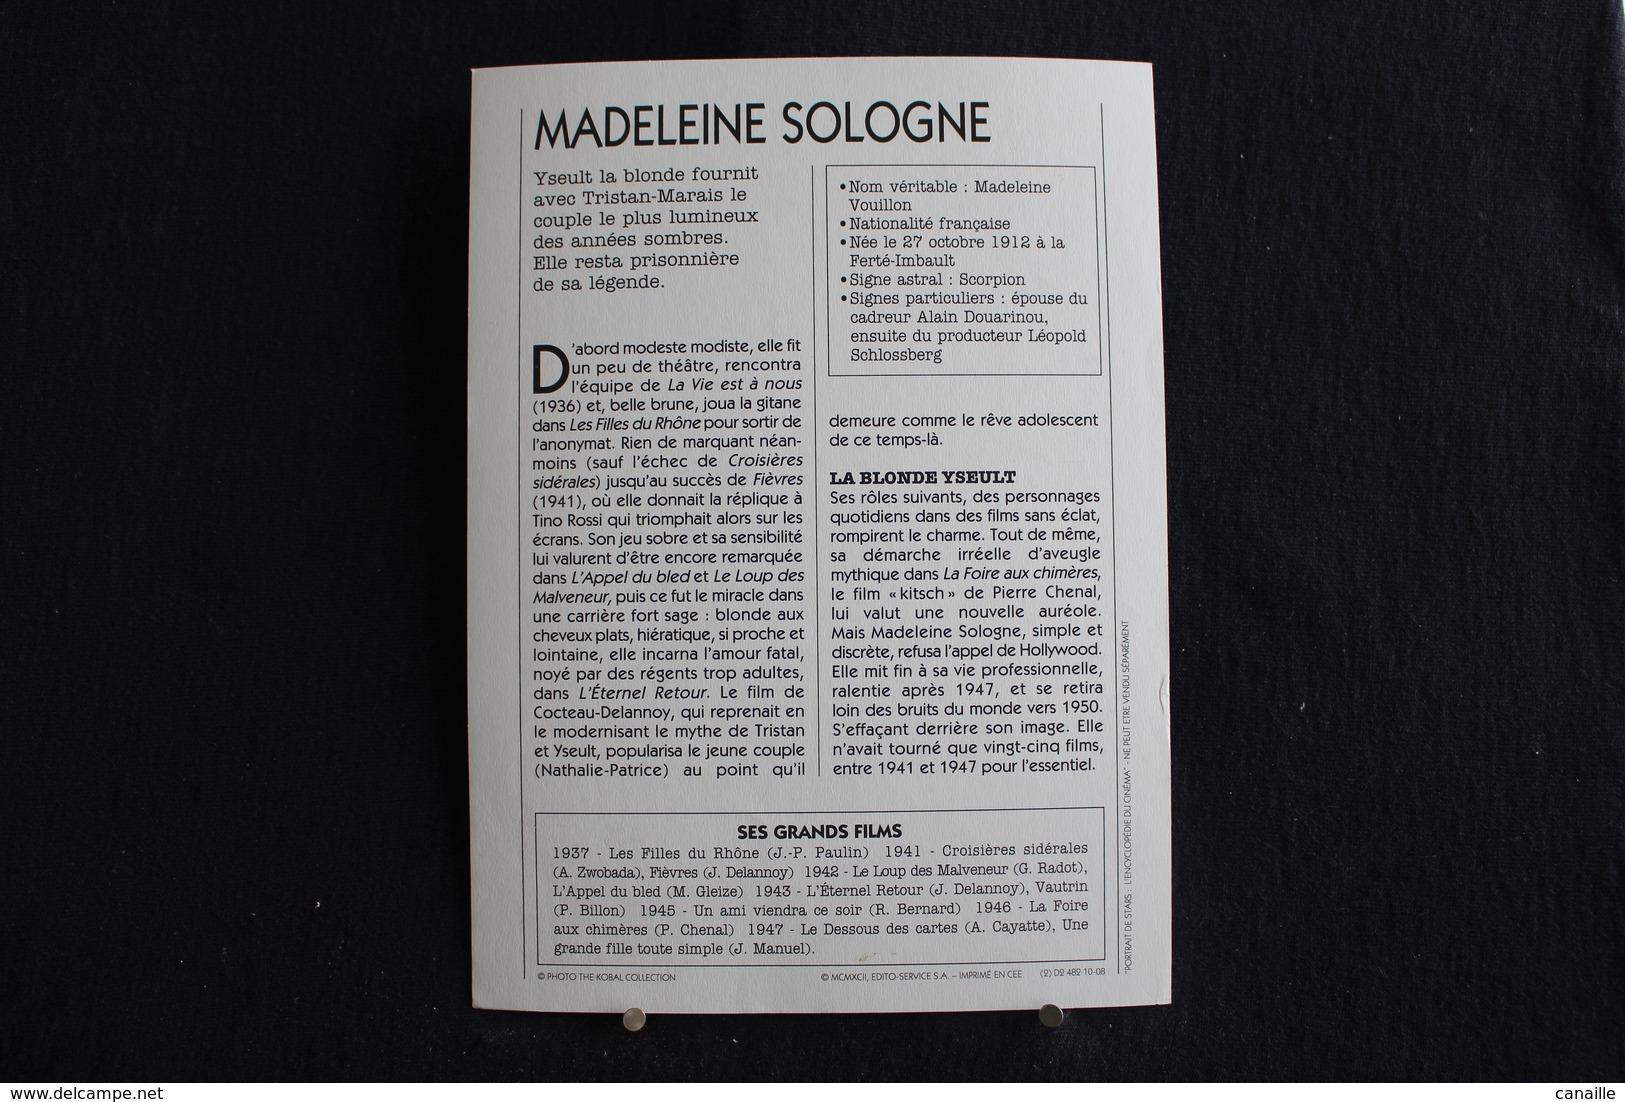 Sp-Actrice, Française, 1945 - Madeleine Sologne Née En 1912 à La Ferté-Imbault, Morte En 1995 à Vierzon (Cher),france. - Acteurs